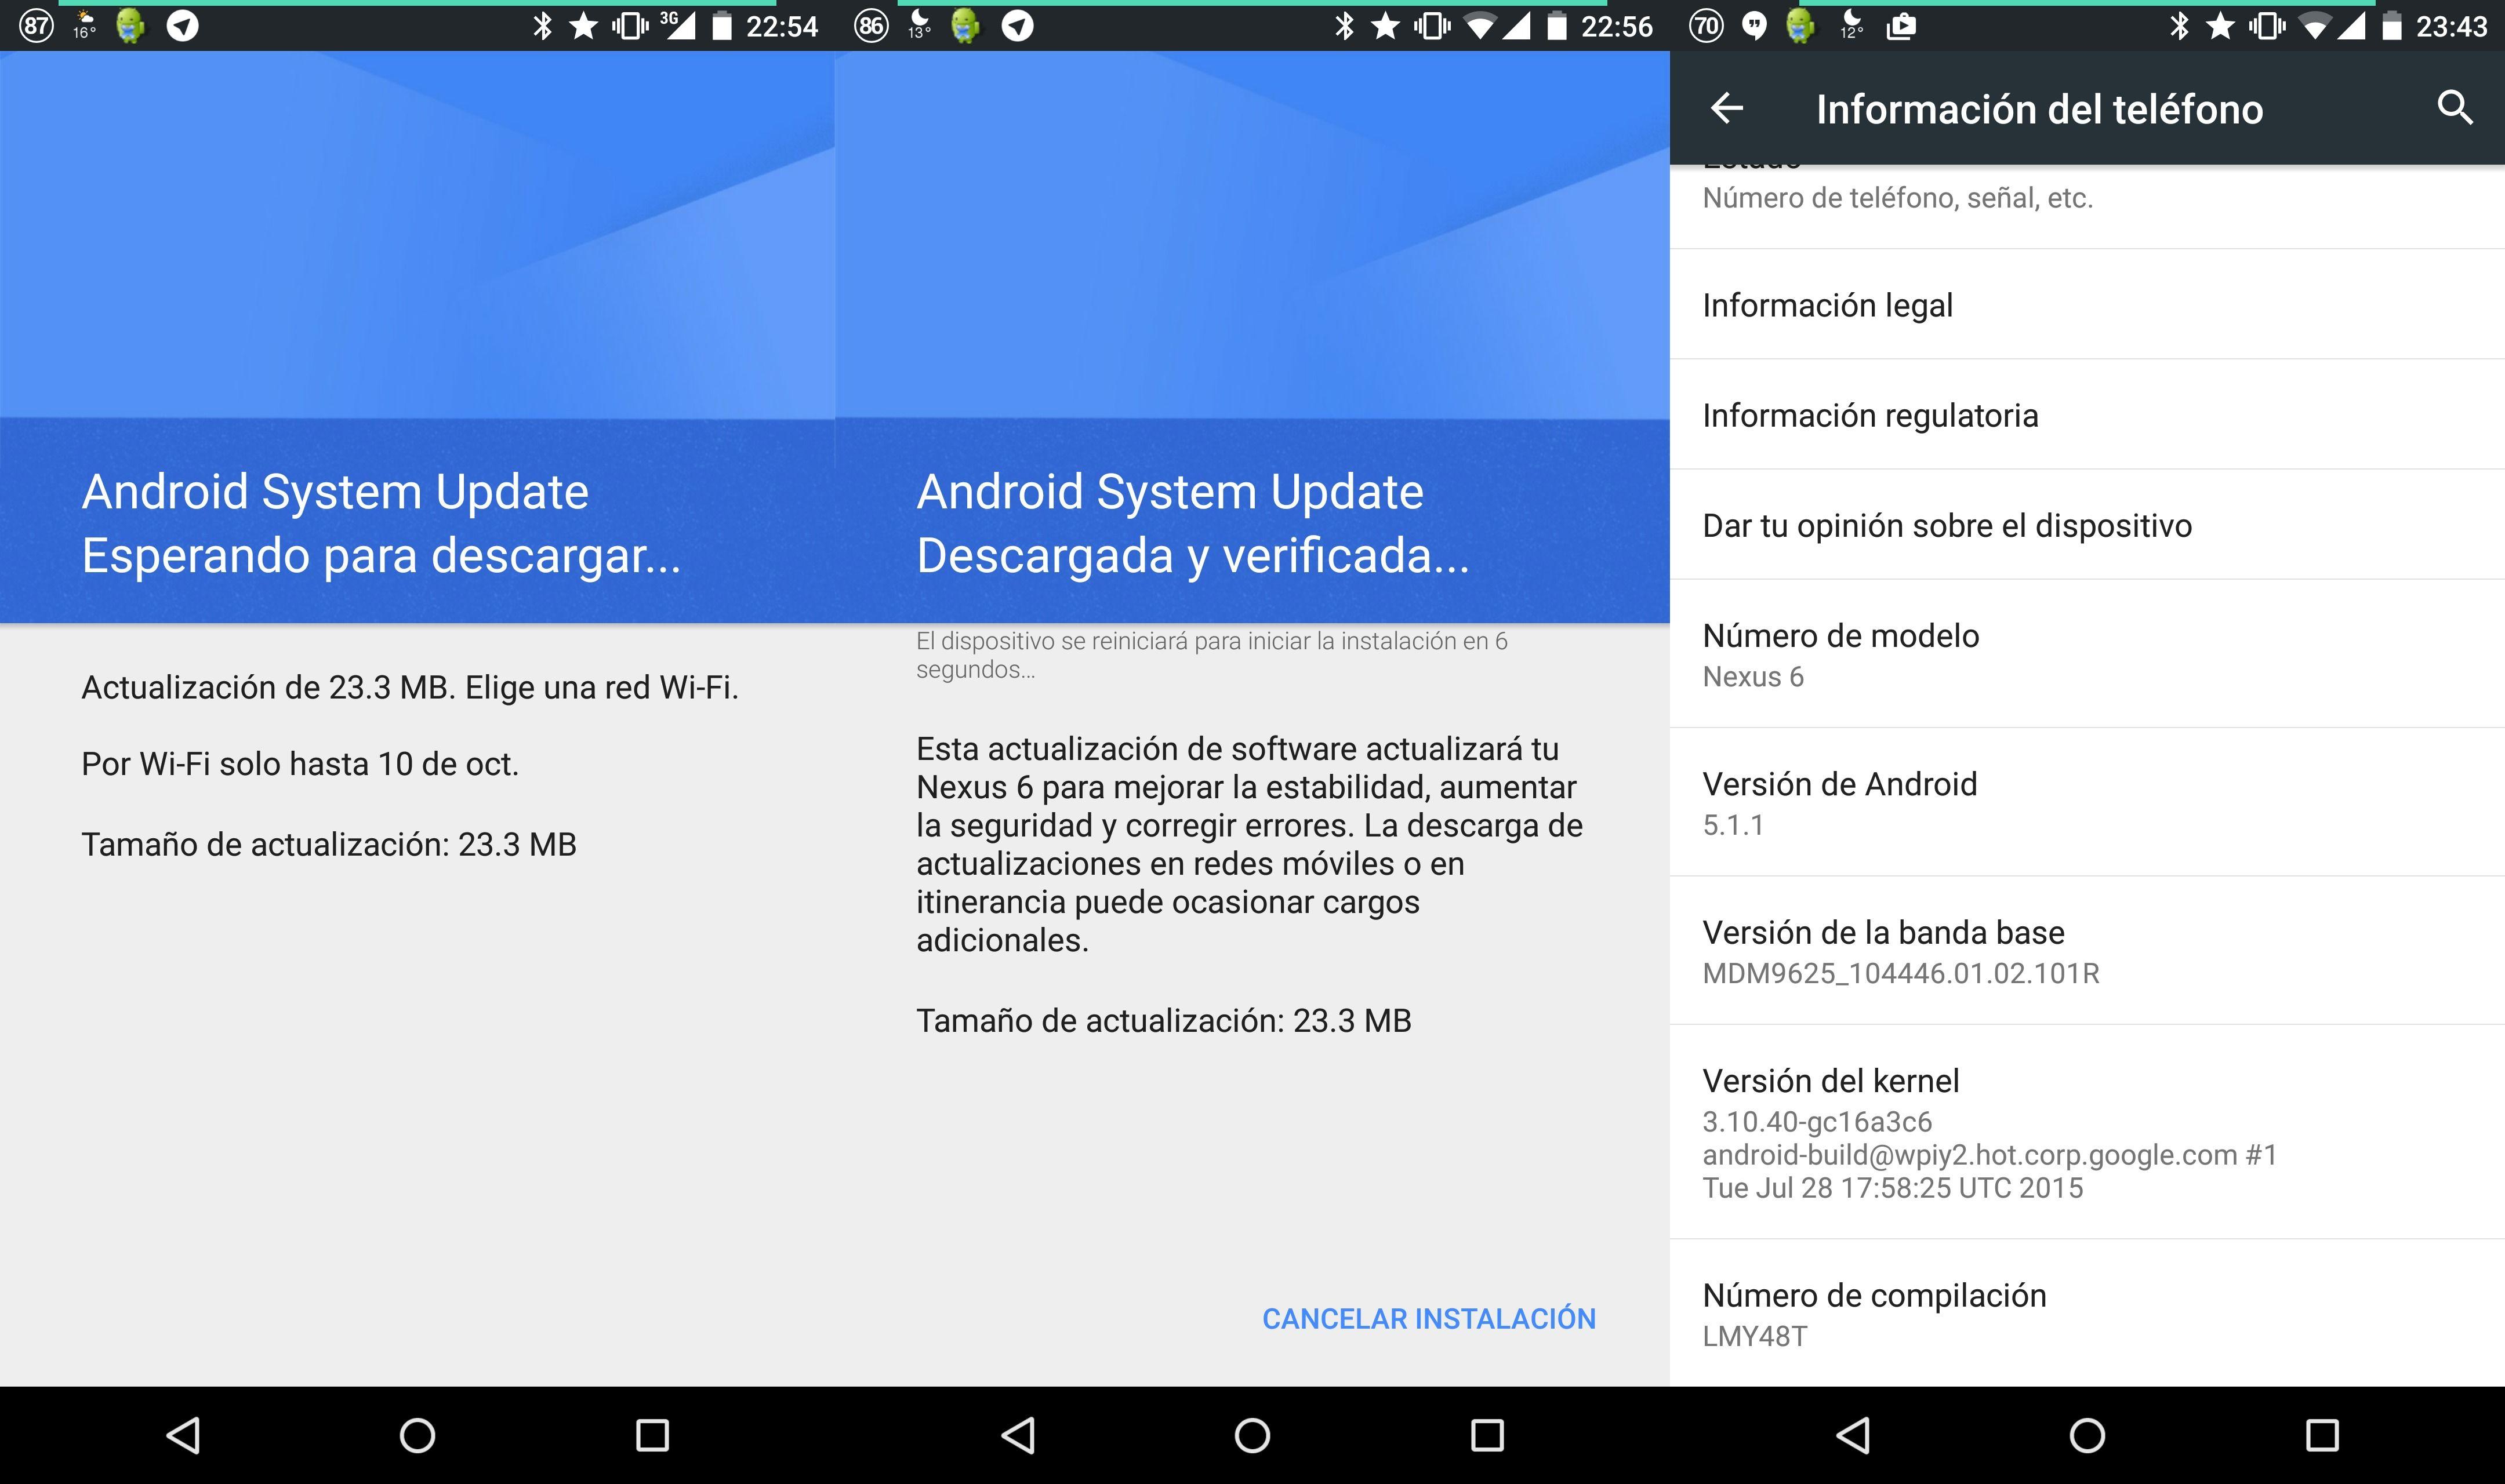 El parche de seguridad de octubre llega a Nexus 6 en España